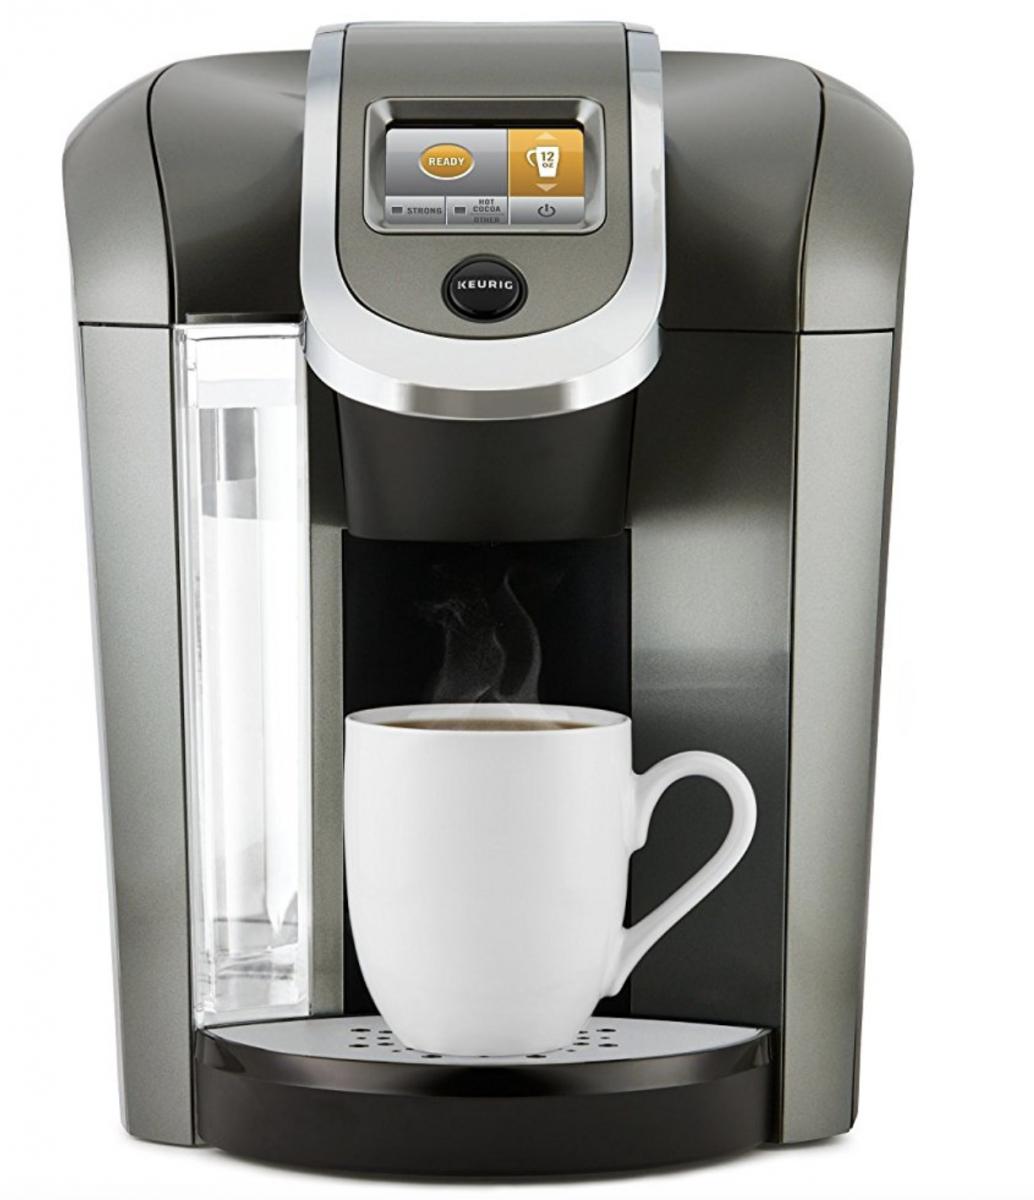 Keurig 575 Coffee Maker